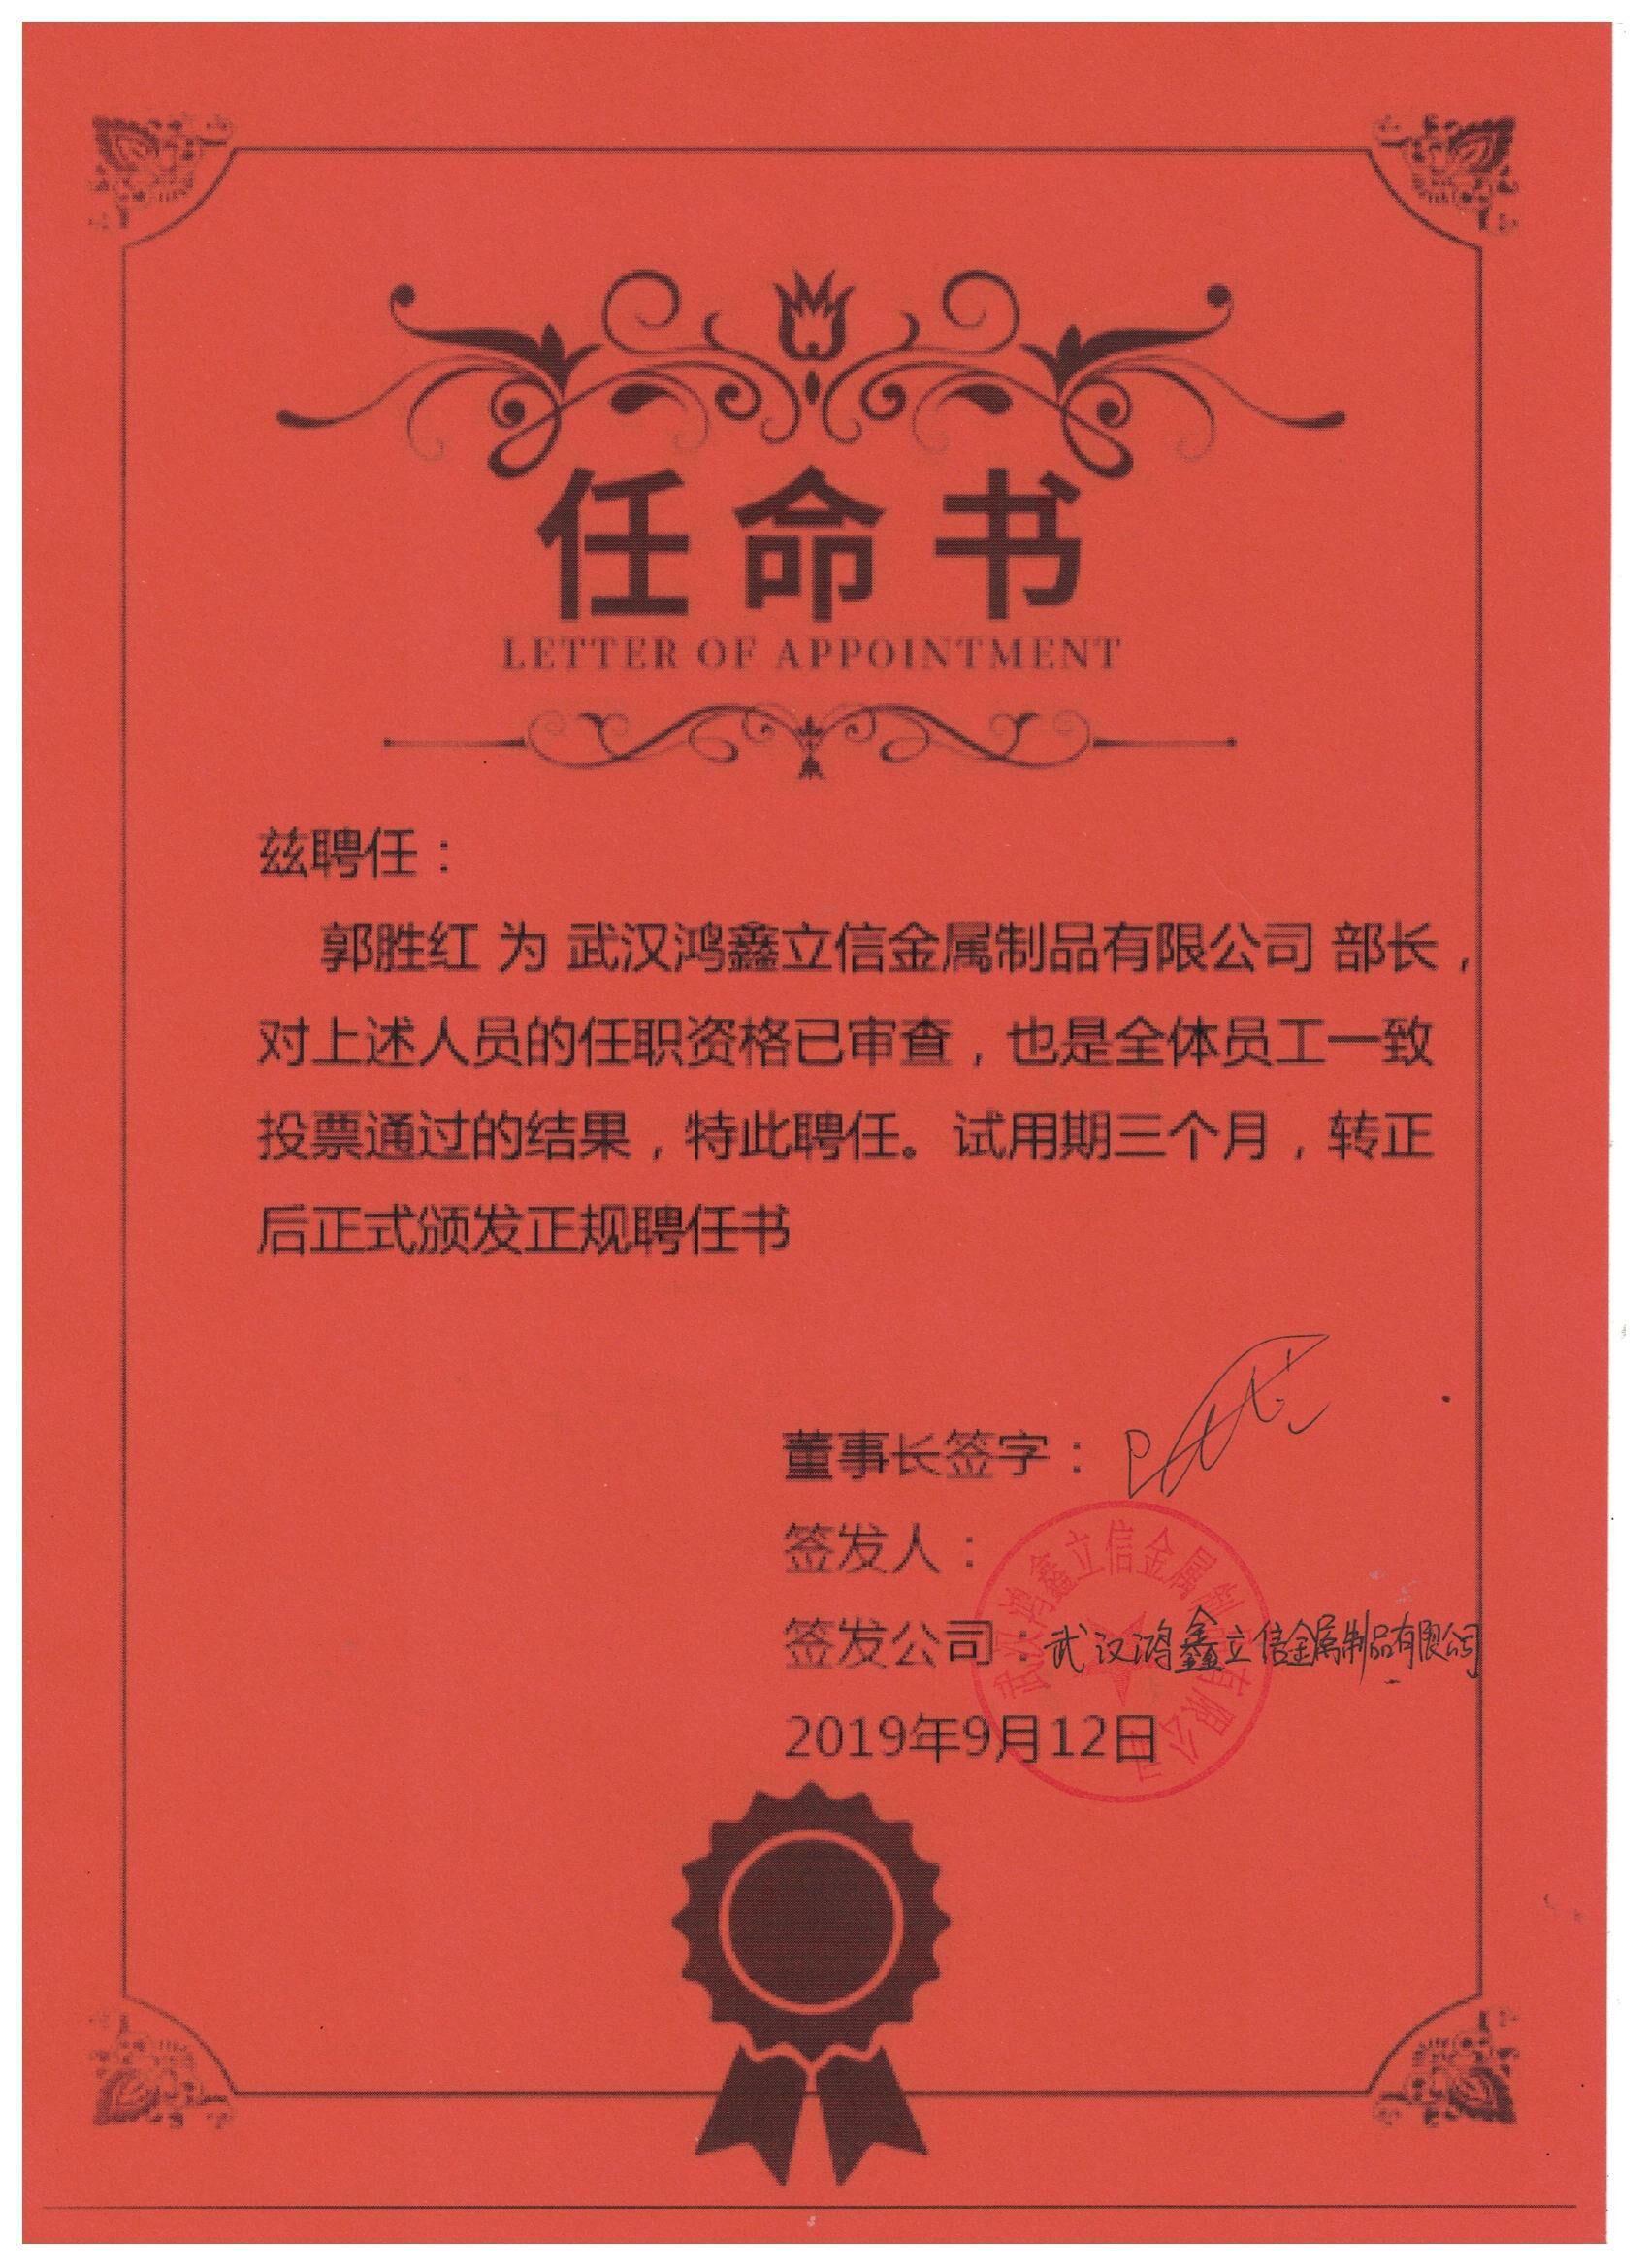 鸿鑫钢丸郭胜红被任命为武汉事业部部长